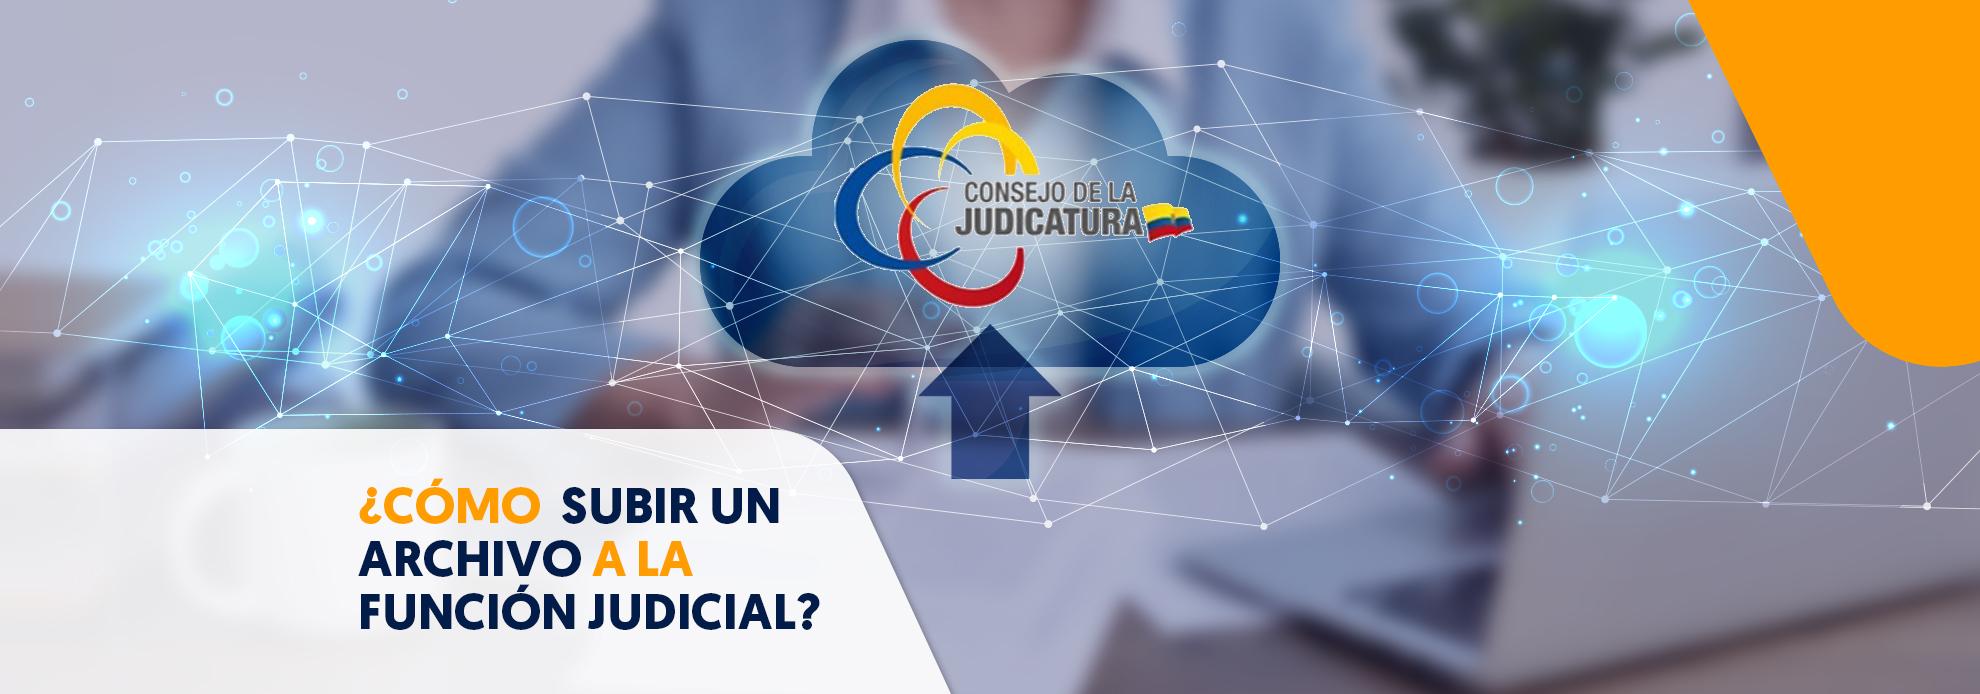 subir archivos a función judicial